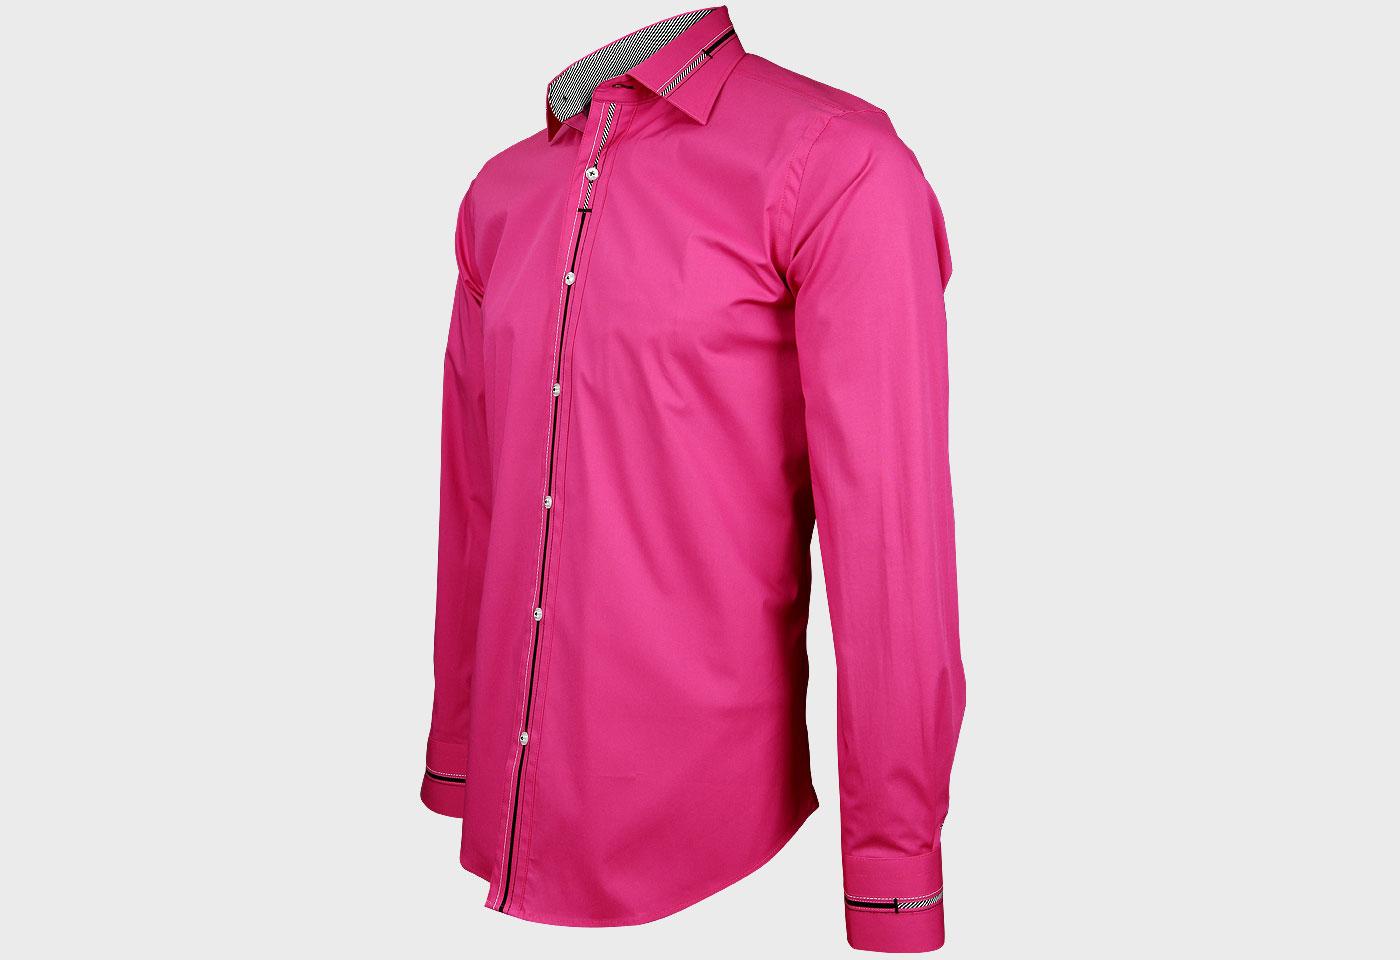 Acheter des chemises en ligne c 39 est tr s simple for Acheter arbustes en ligne